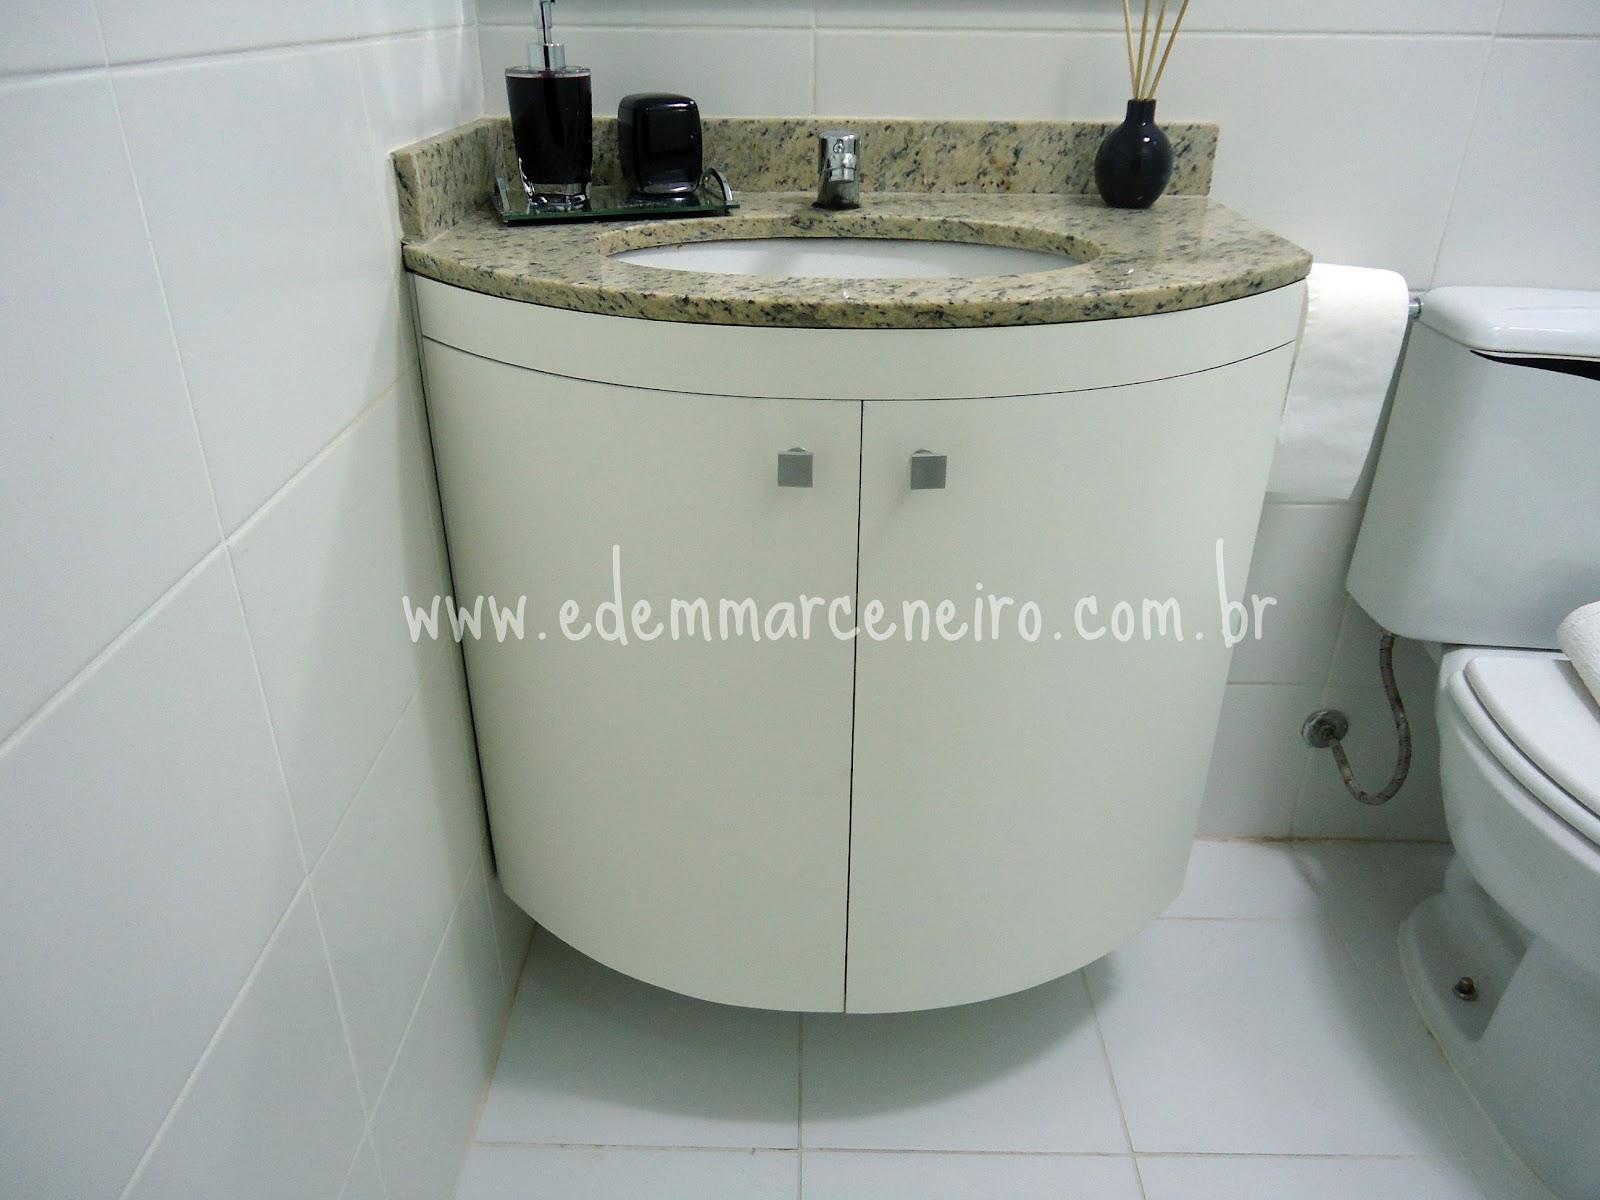 Armário de banheiro com tulha para roupas #61634C 1600x1200 Armario Banheiro Com Tulha